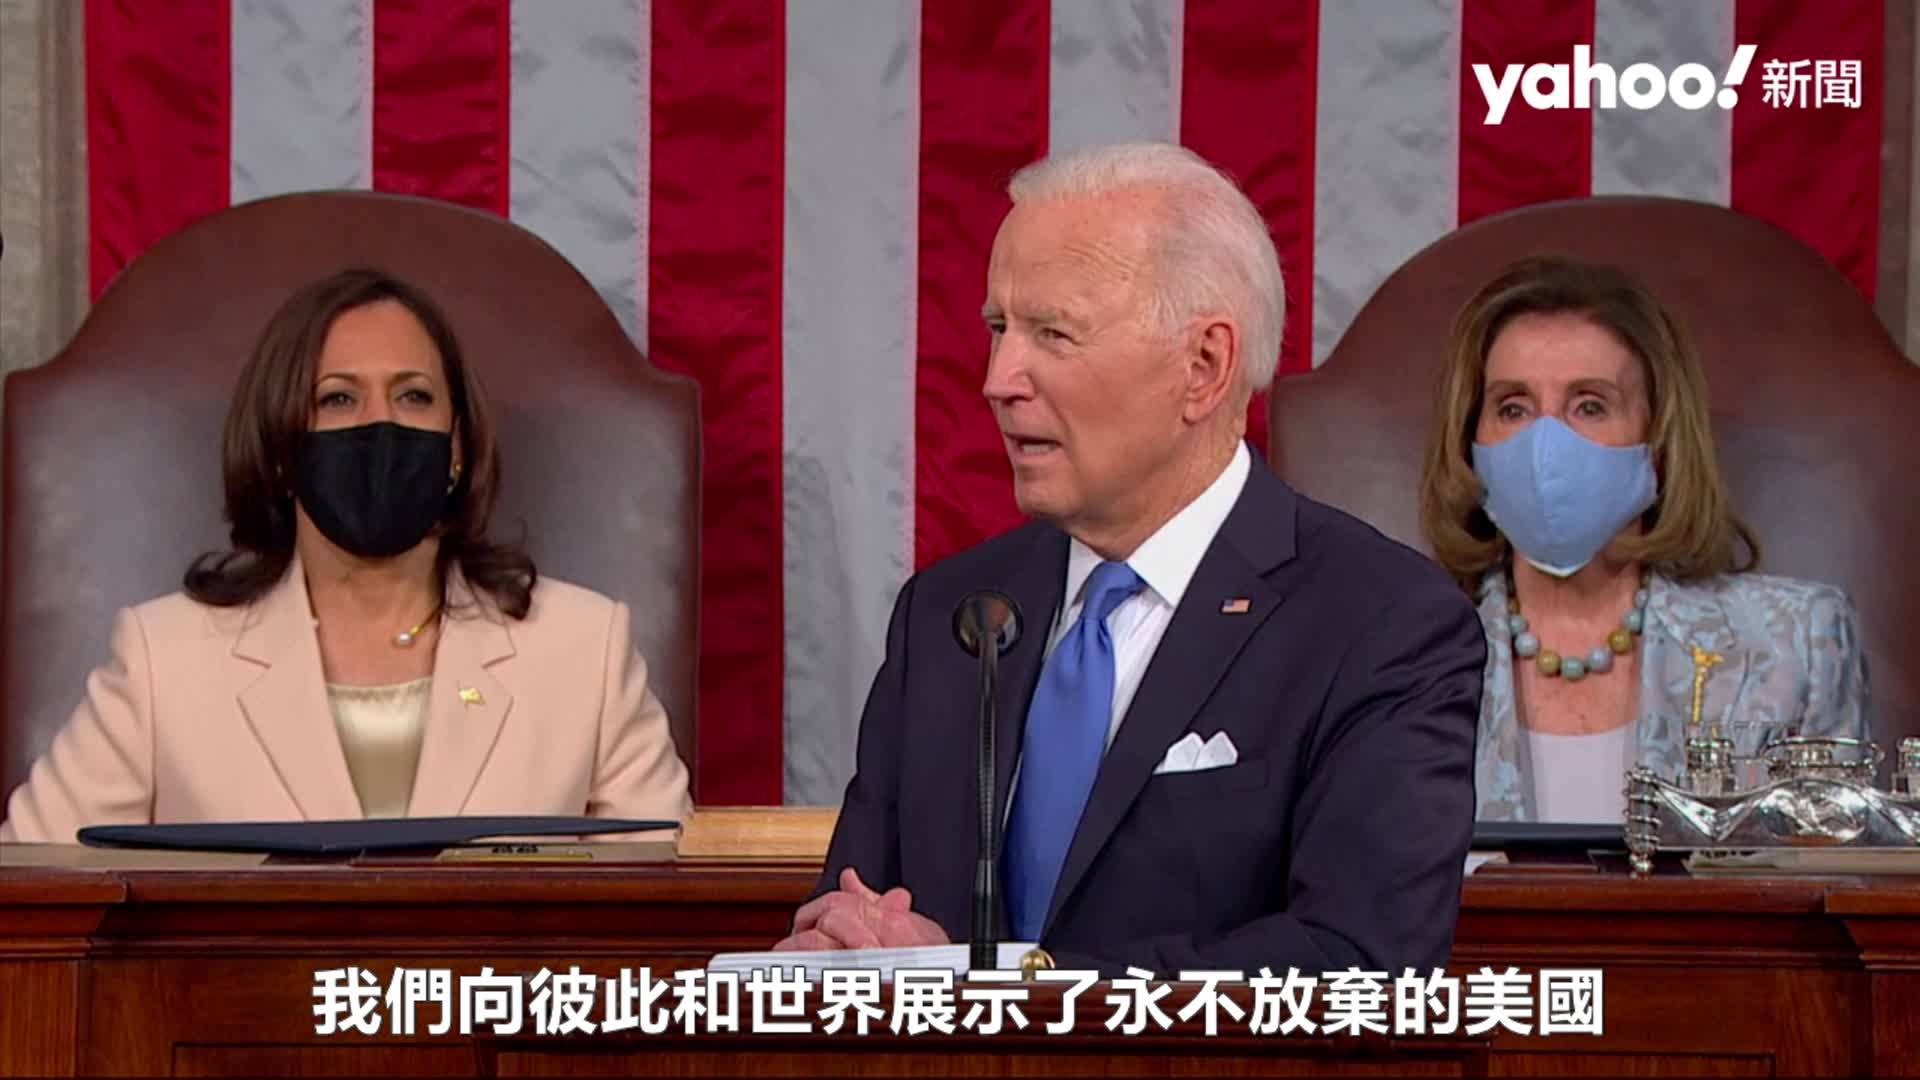 「美國準備起飛」拜登就職百日國會演說 史上首度總統與2女性同框